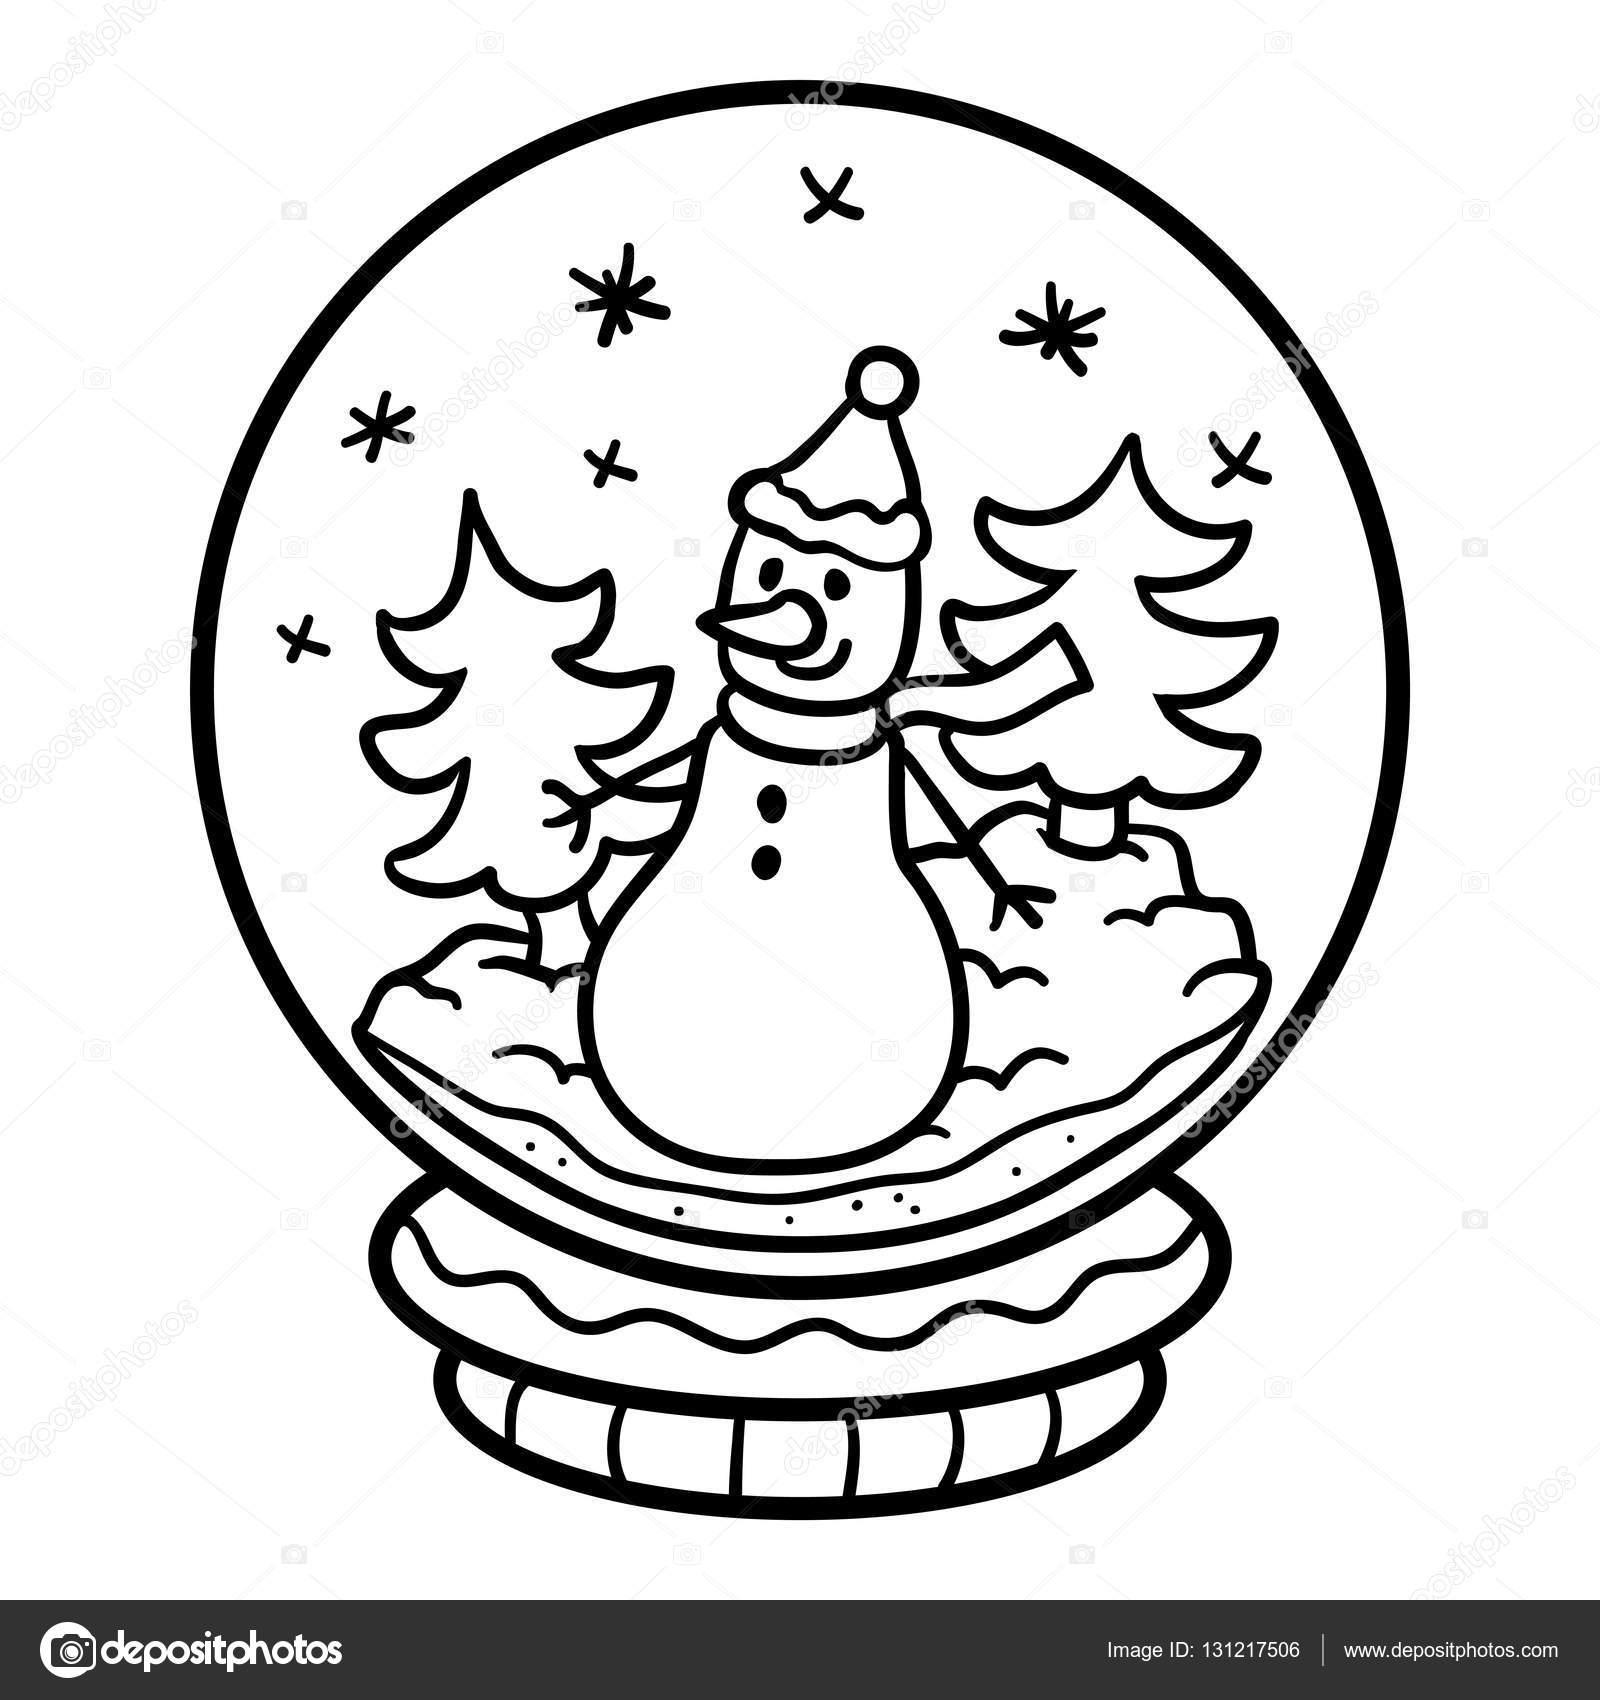 Libro para colorear para niños, bola de nieve con muñeco de nieve ...